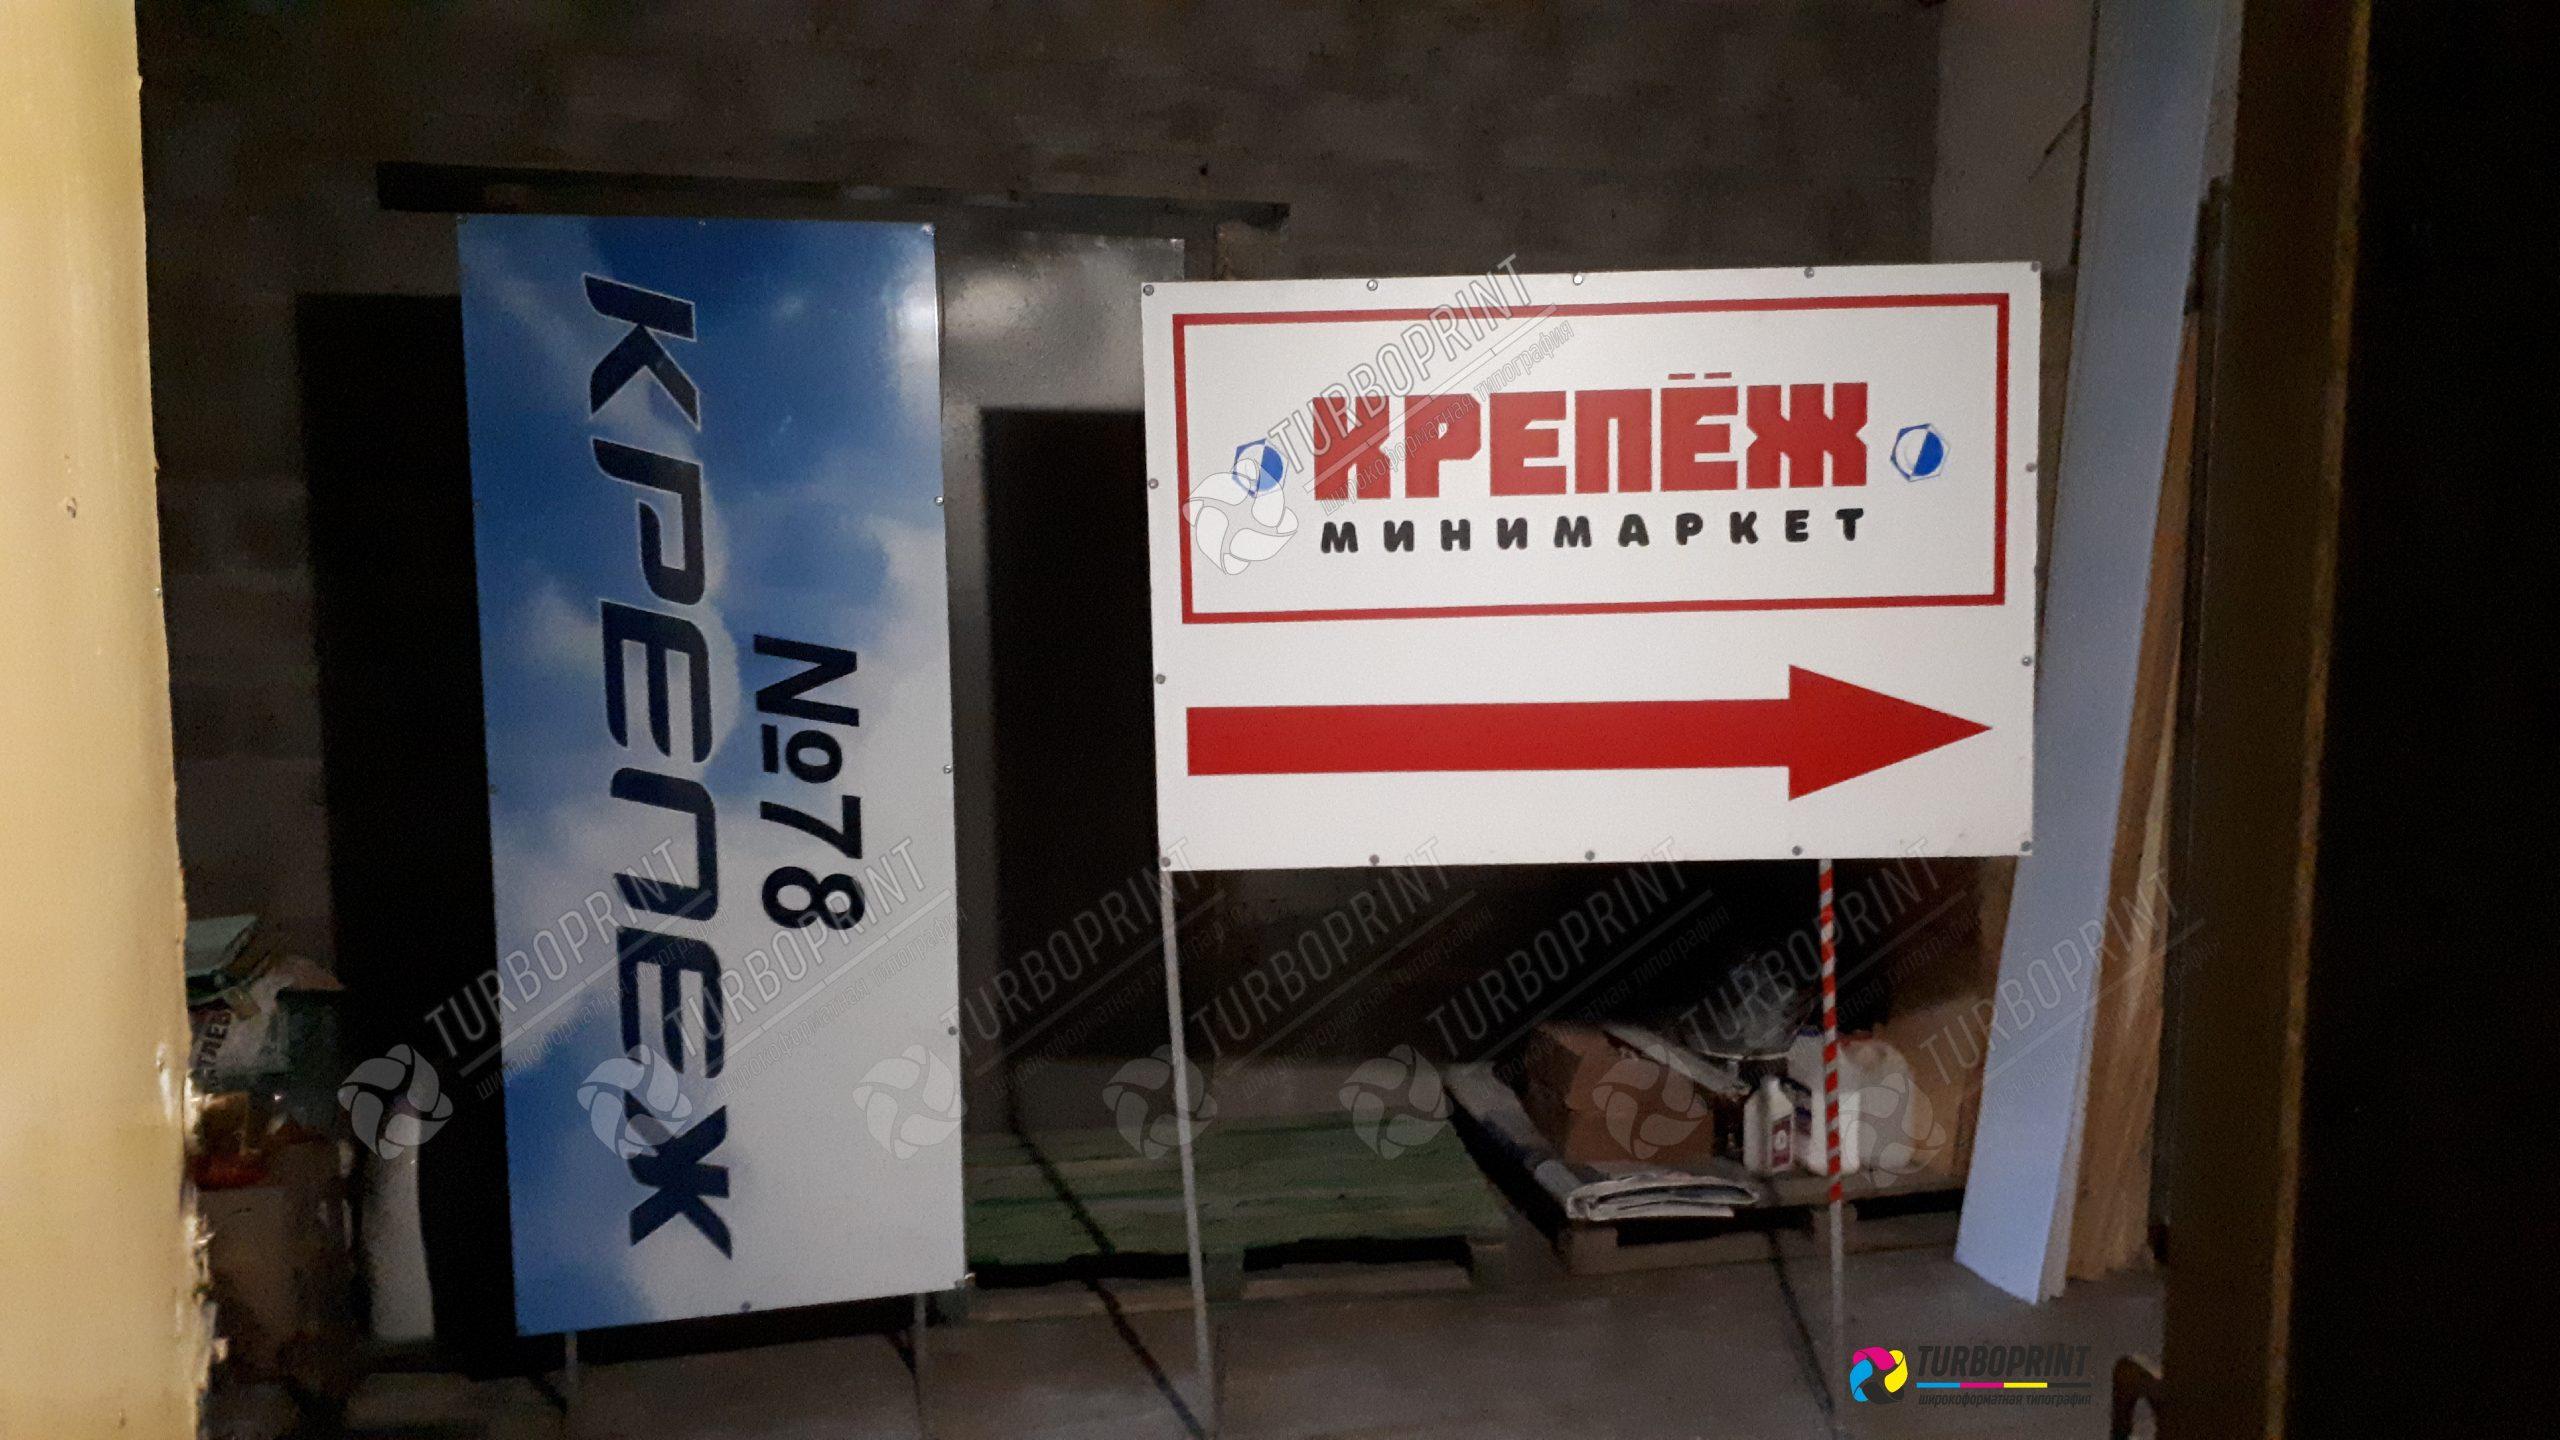 naklejka-dlya-shtendera